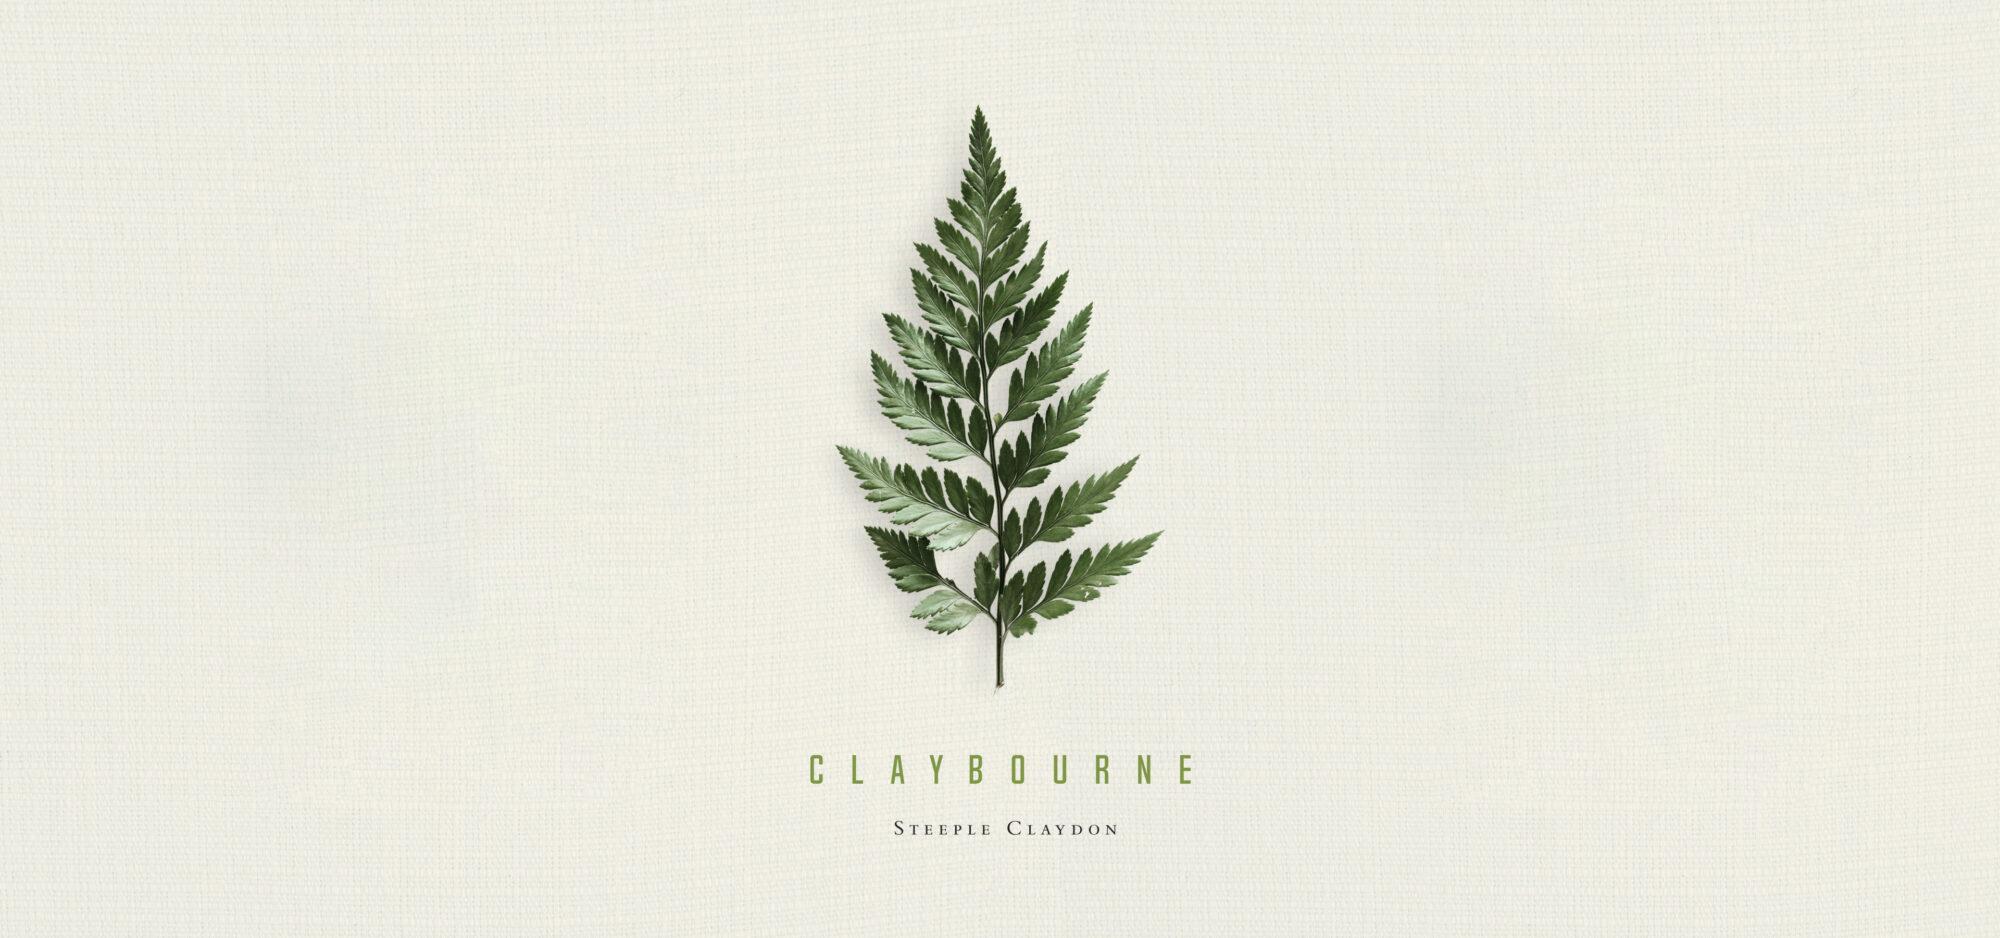 Crest Nicholson Steeple Claydon claybourne brandmark